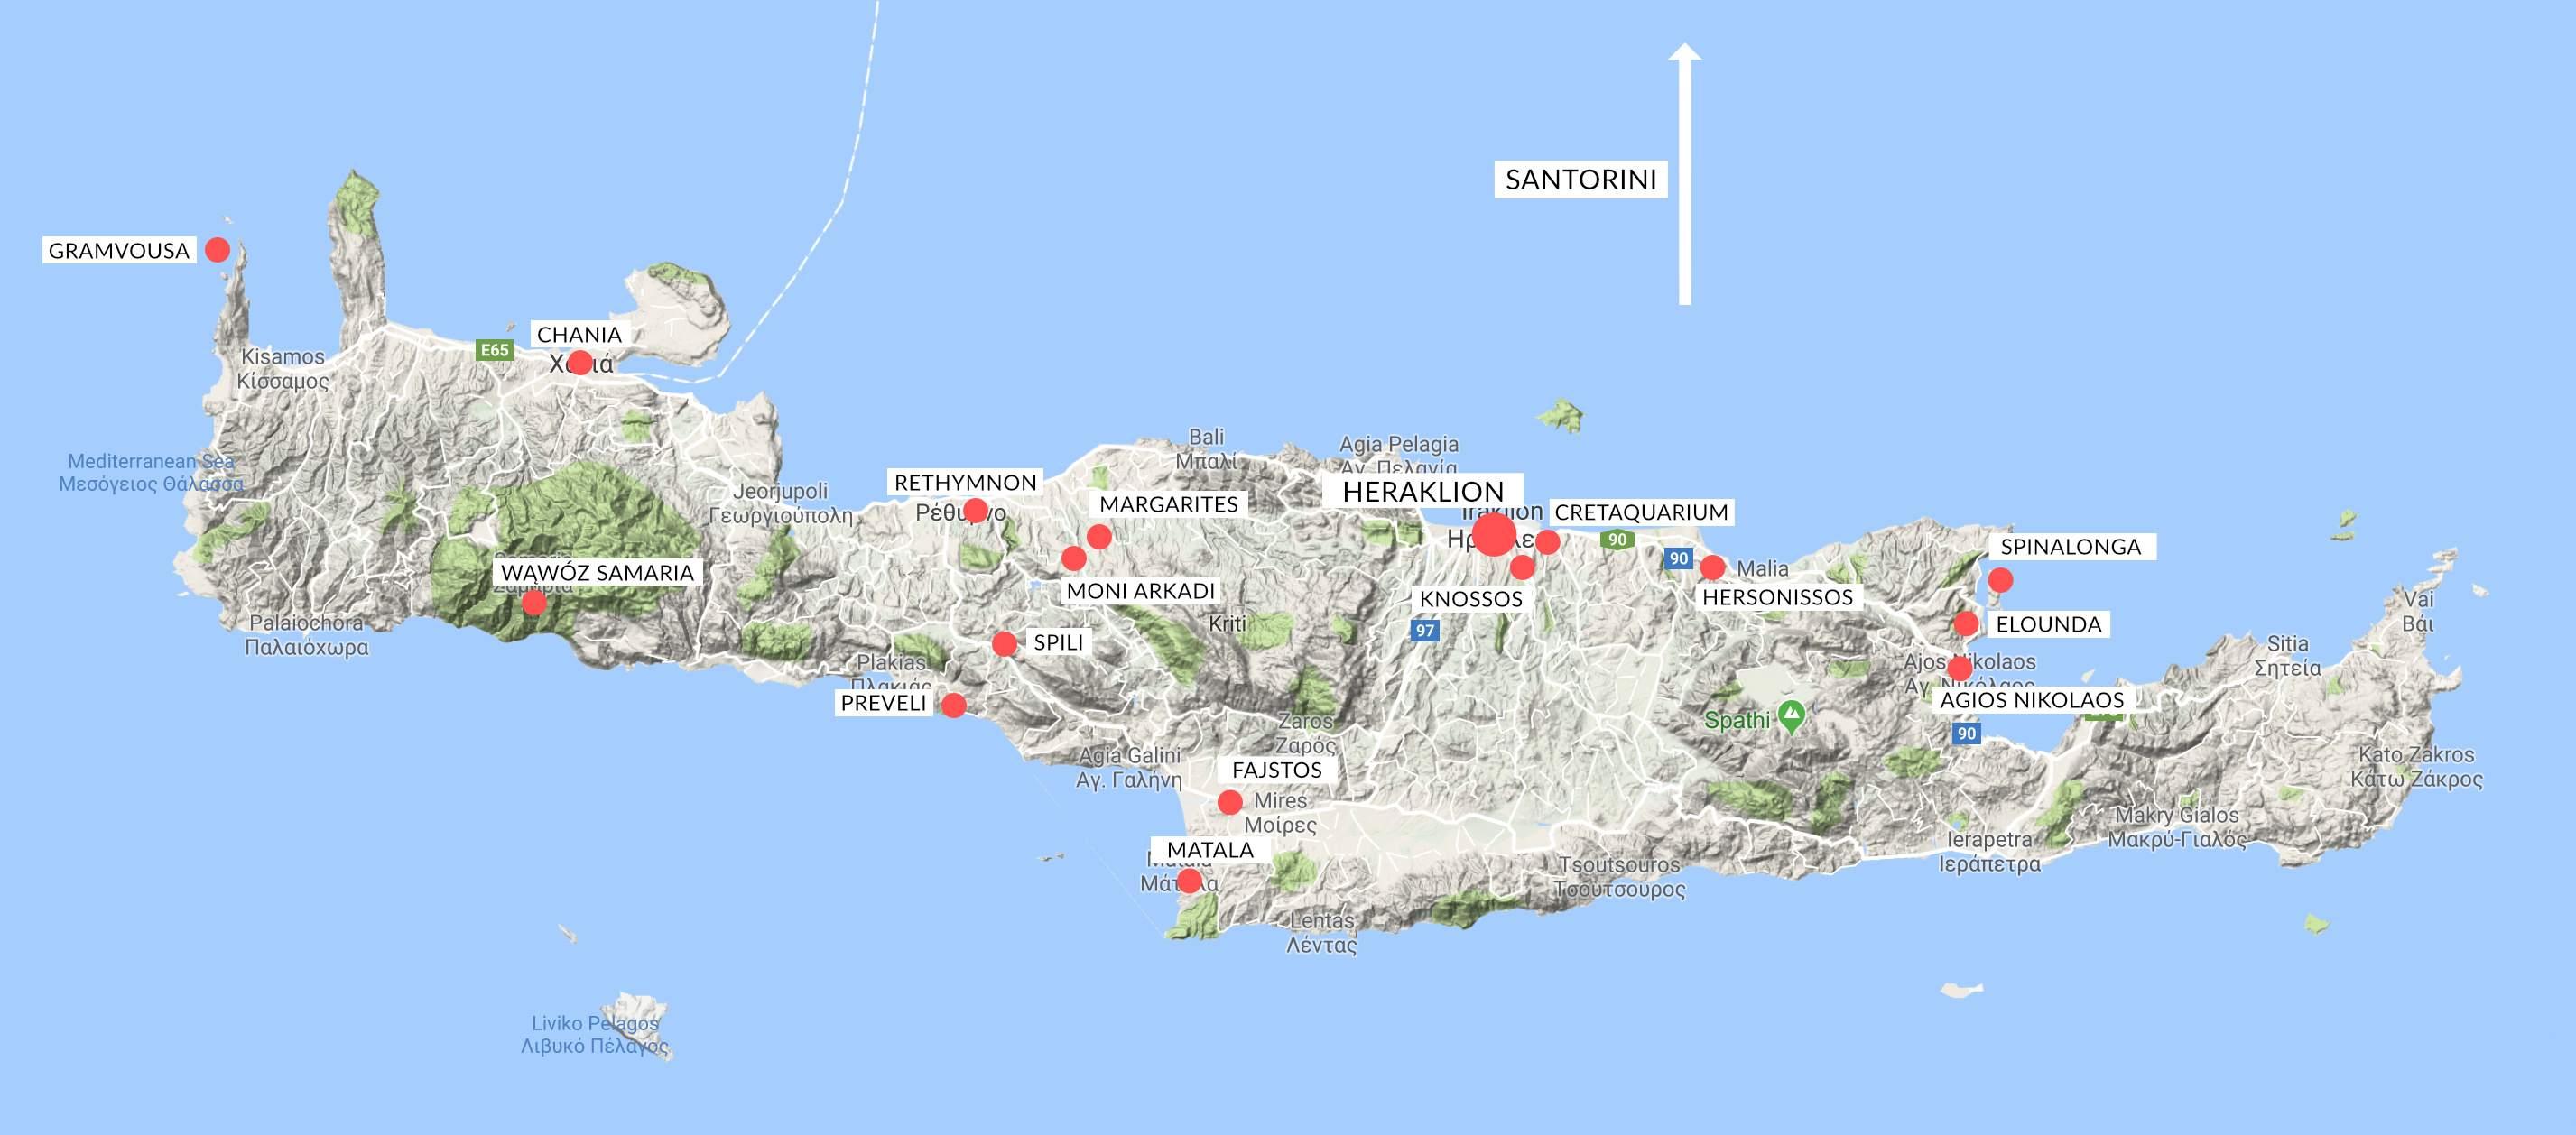 pogladowa mapka Krety - jakie miejsca odwiedzilam